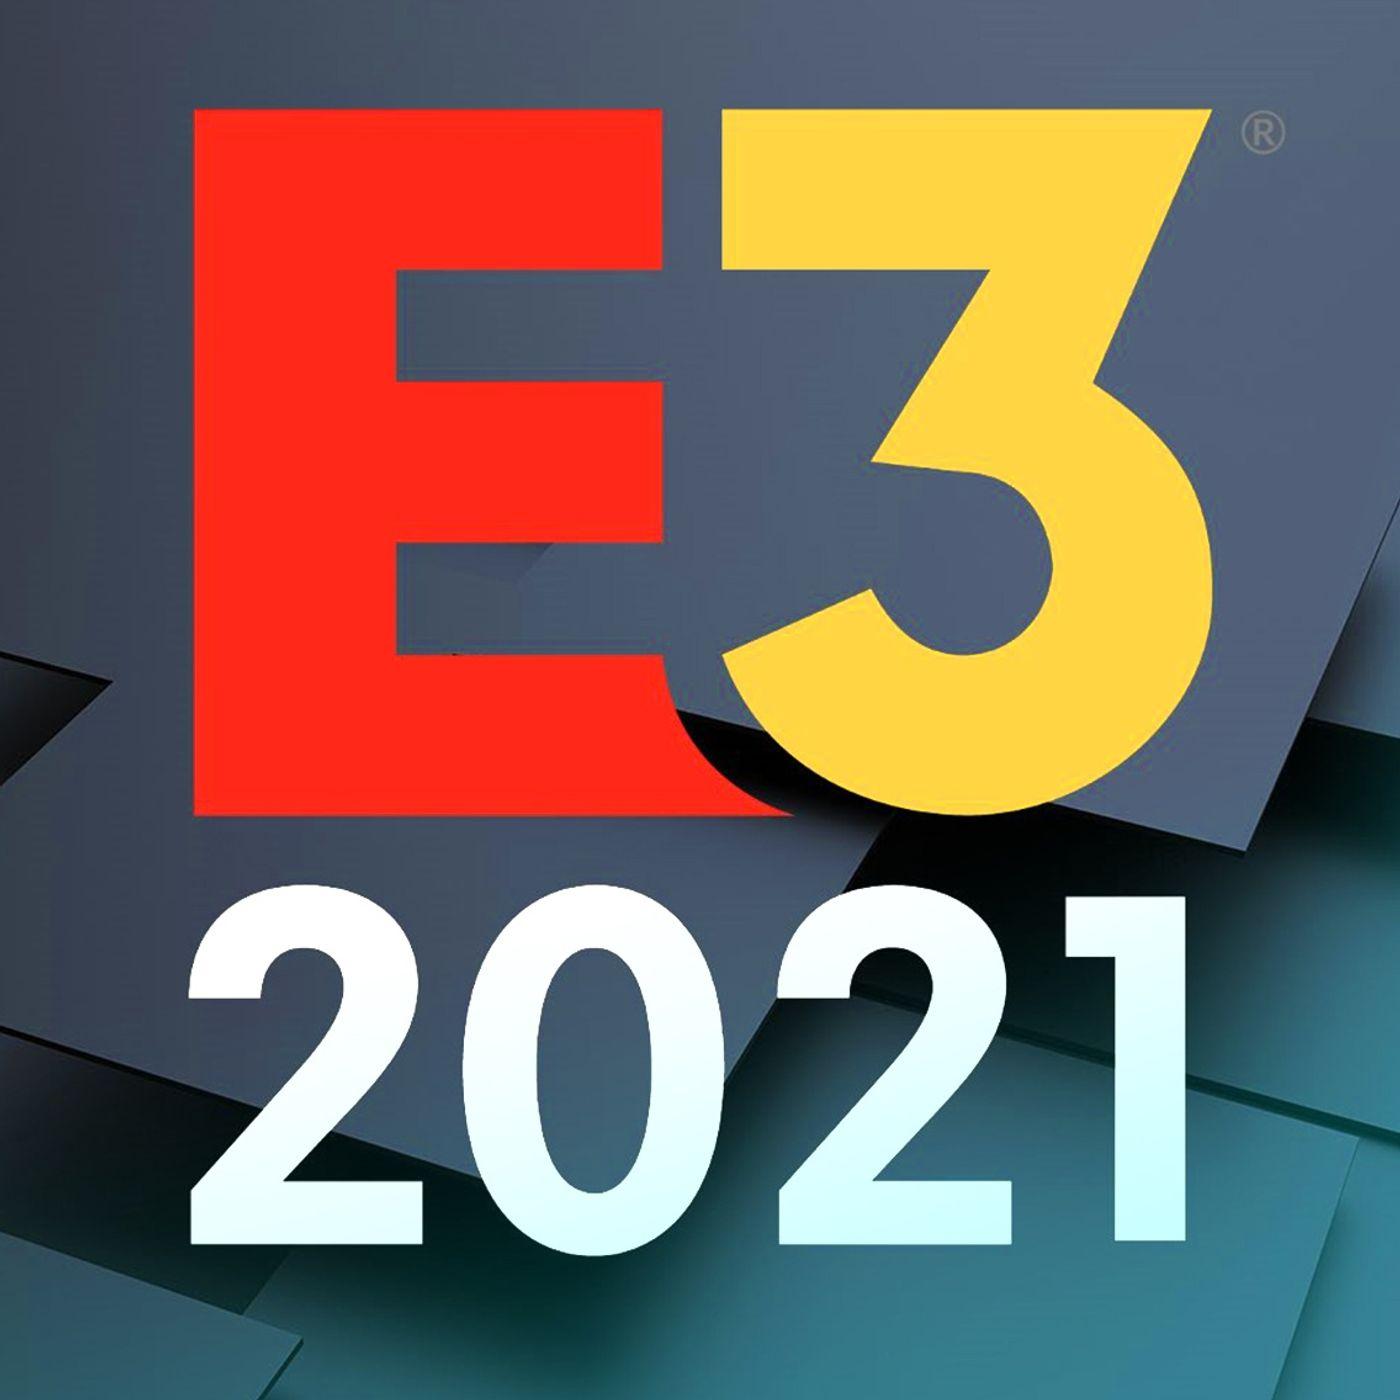 Ma cosa abbiamo visto in questo E3?